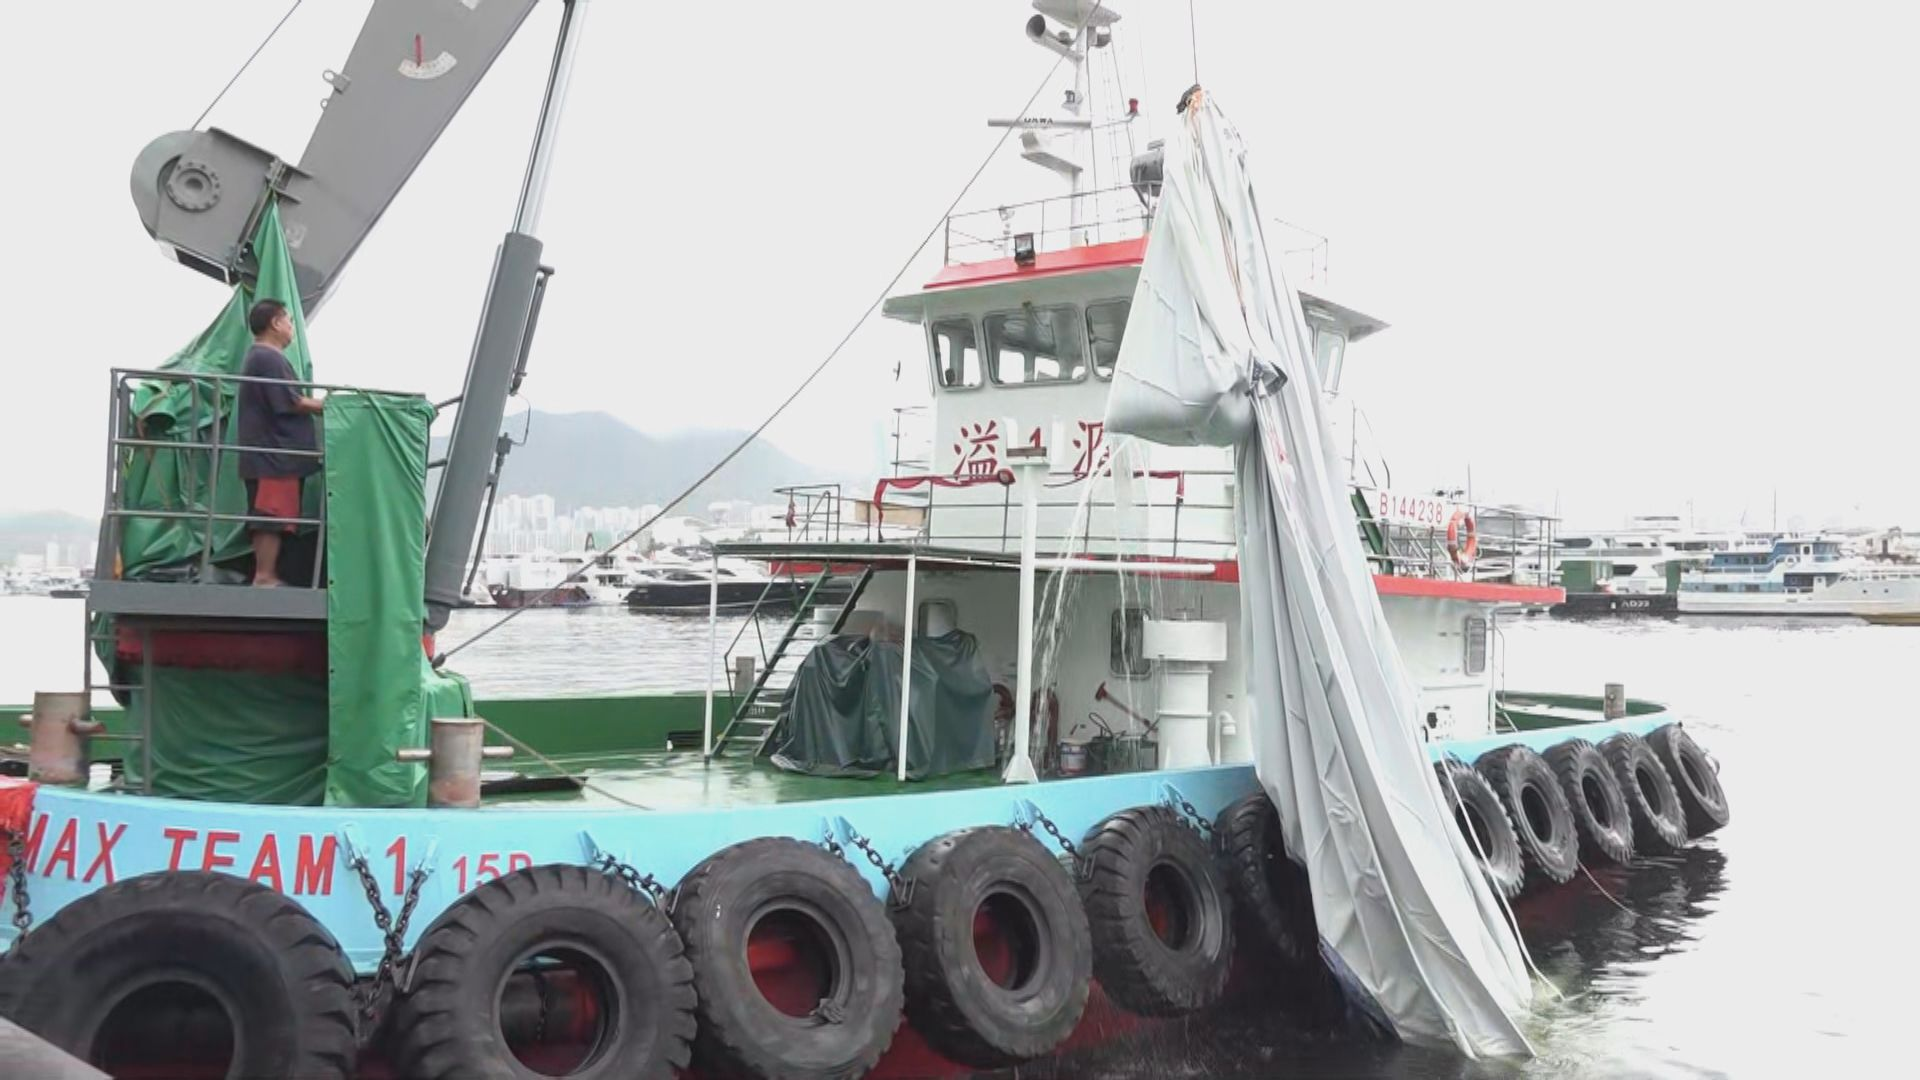 觀塘海濱對出巨型月球裝置被吹落海面 主辦單位指已收回裝置